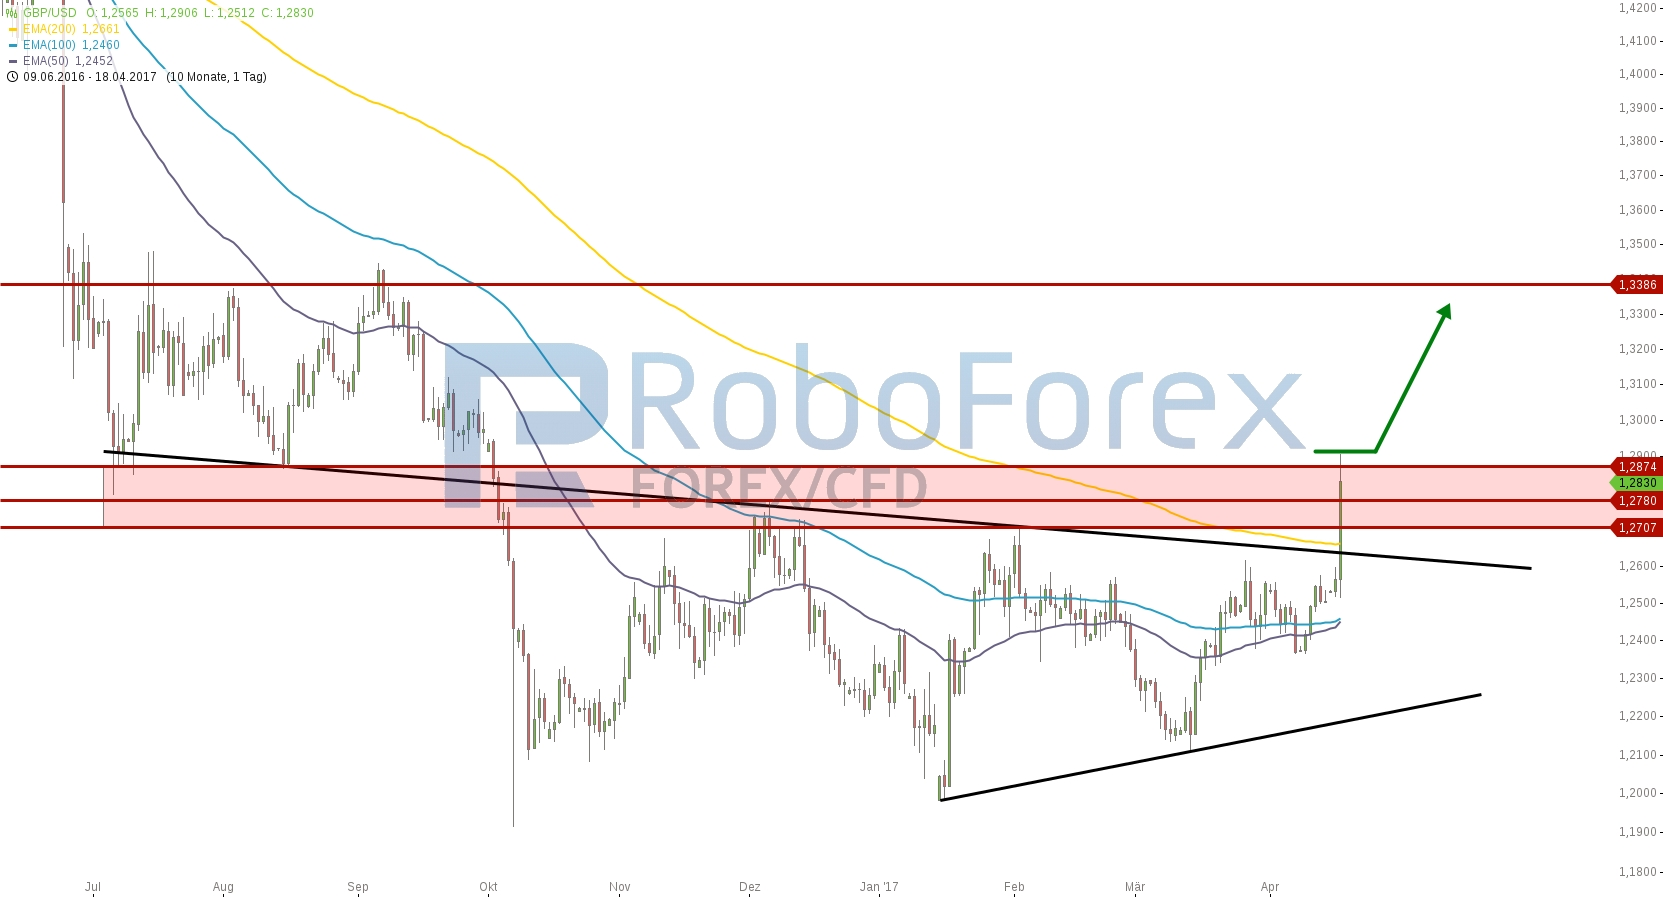 chart-18042017-2007-gbpusd-roboforex.jpg